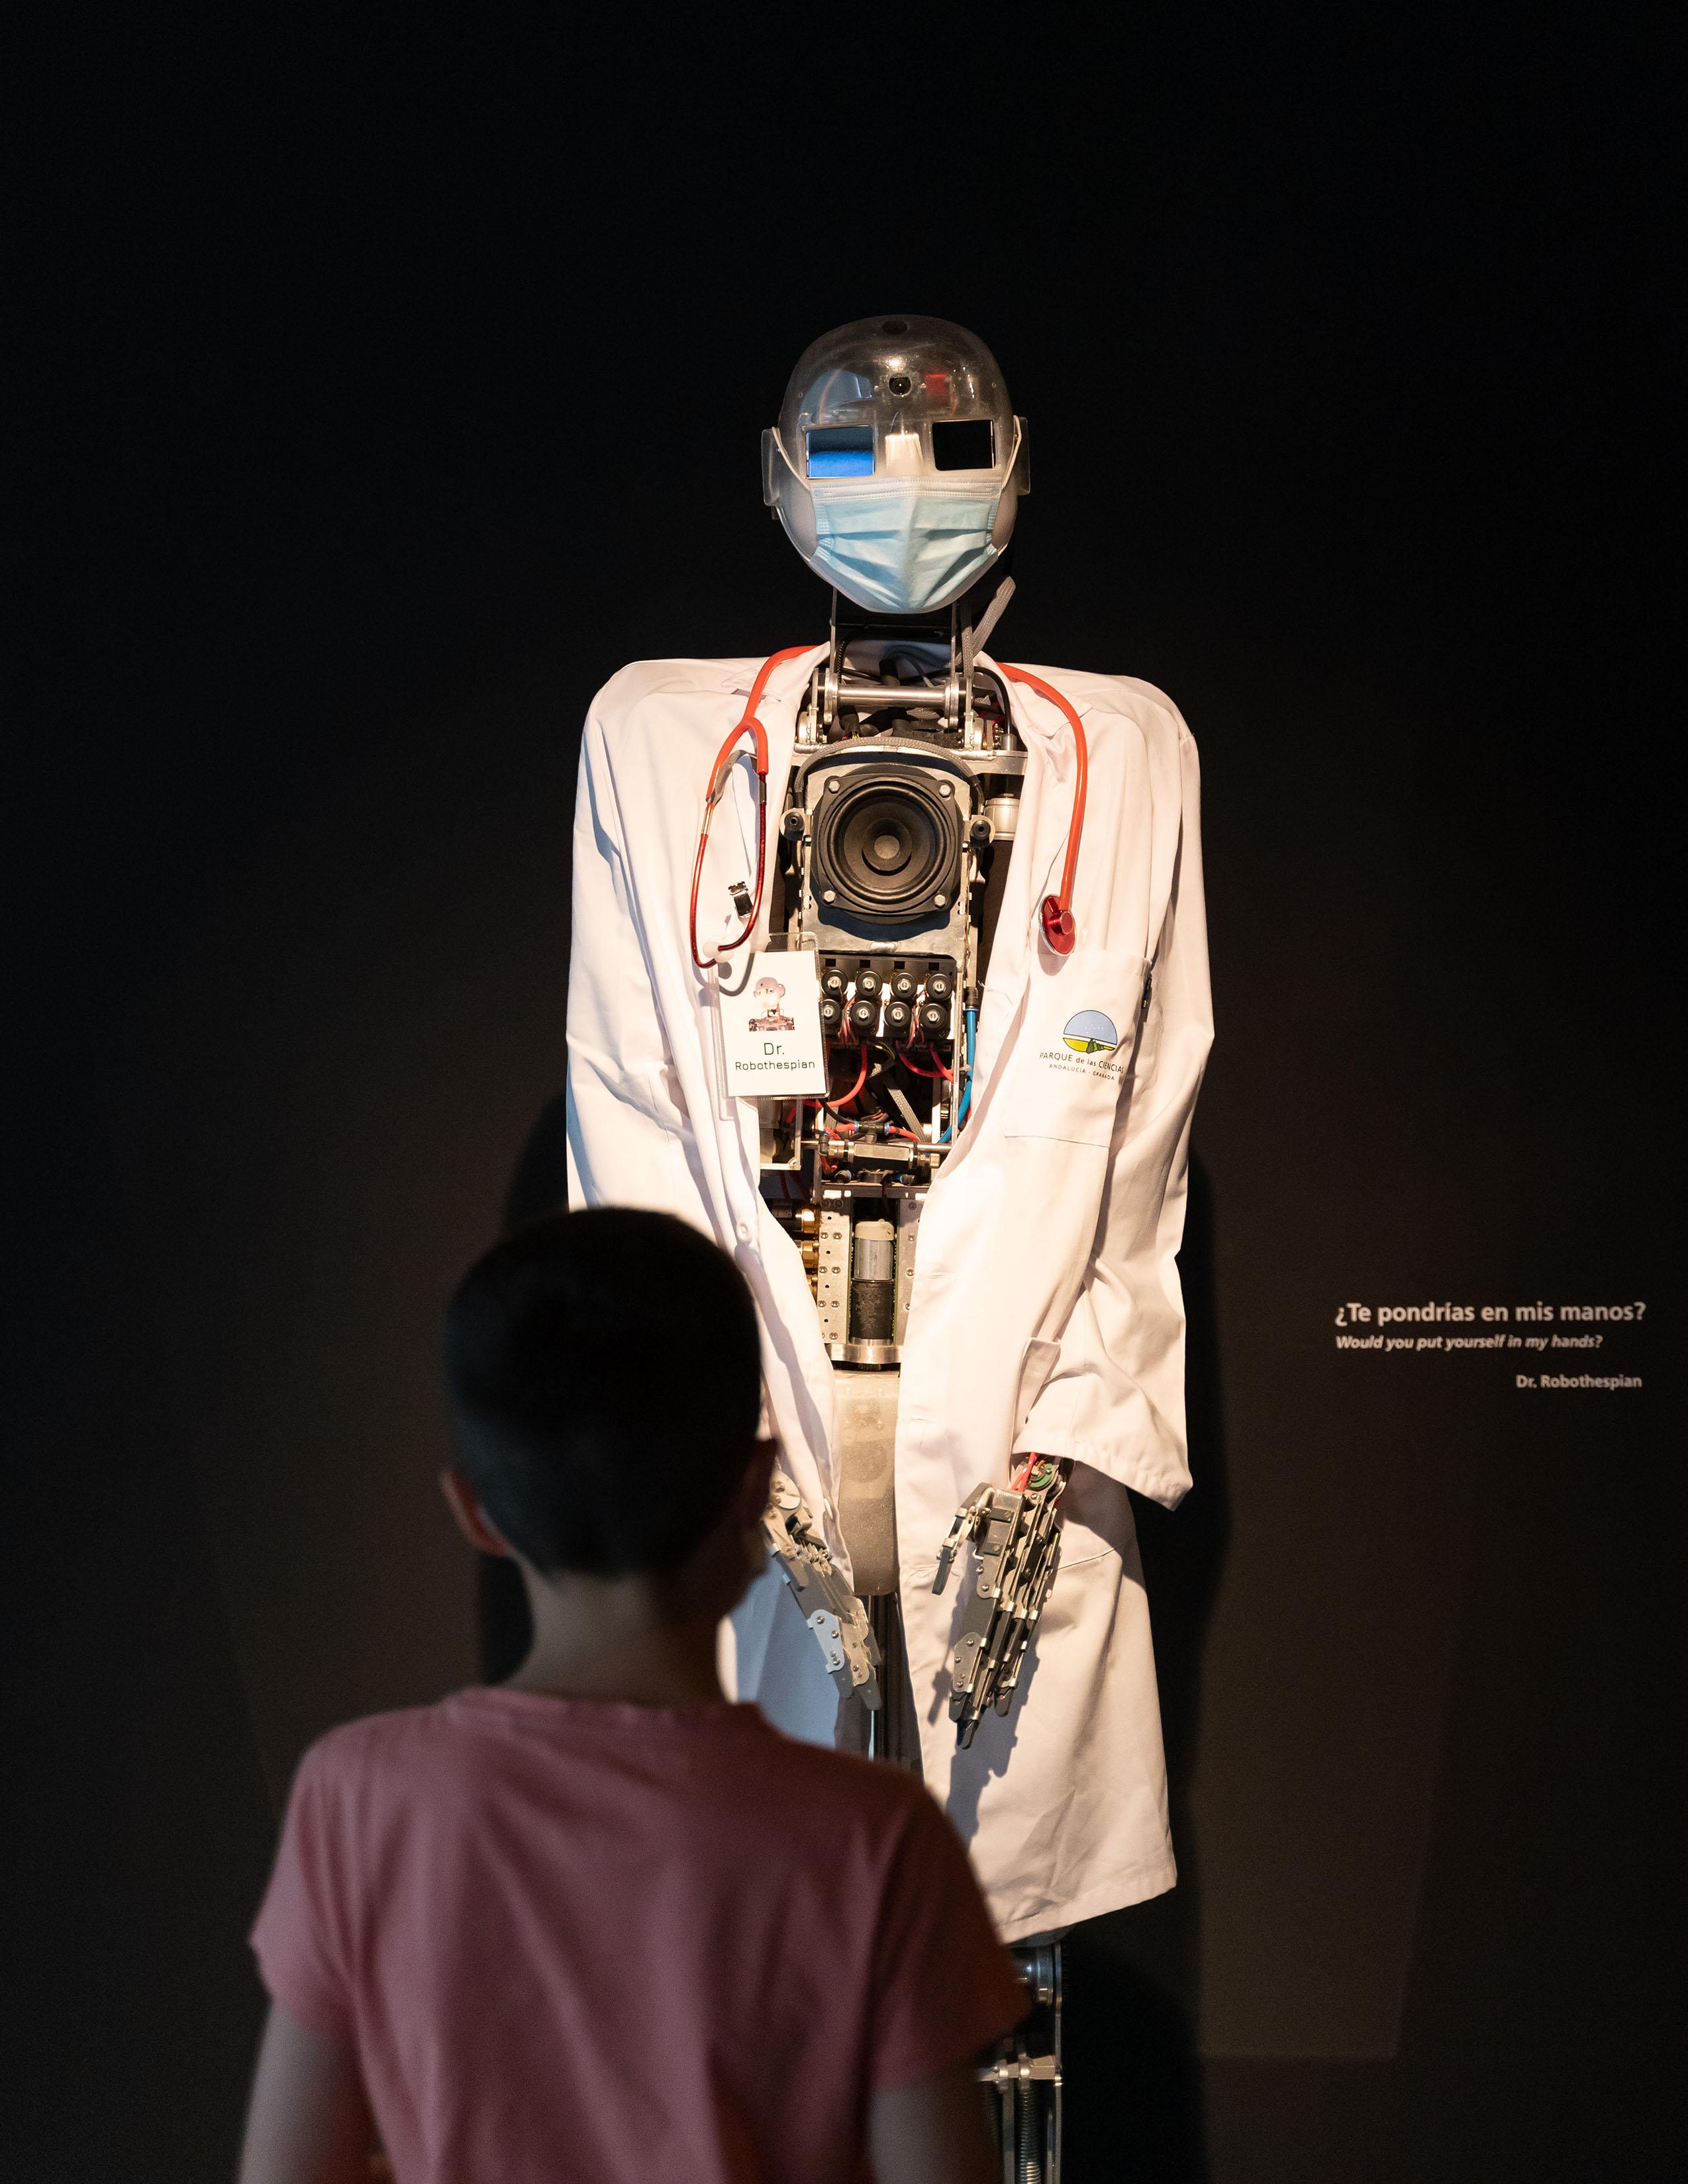 La exposición 'Robots 2.0 ¿Todo controlado?' protagoniza la campaña de verano del Parque de las Ciencias